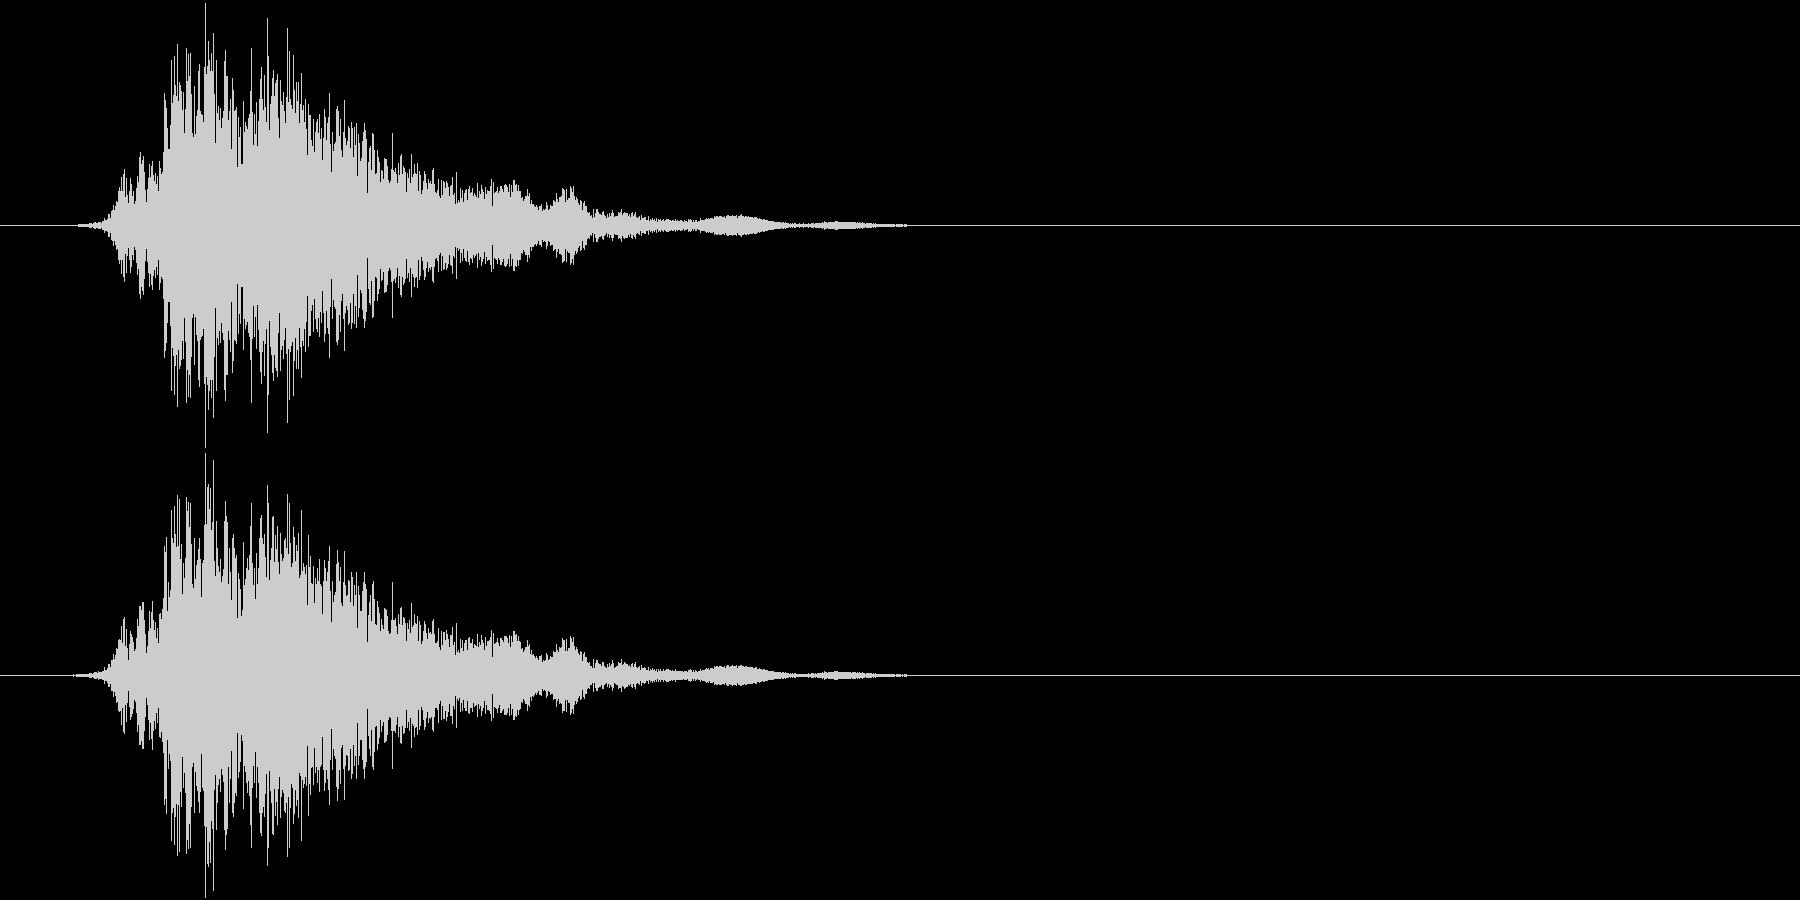 斬撃4の未再生の波形